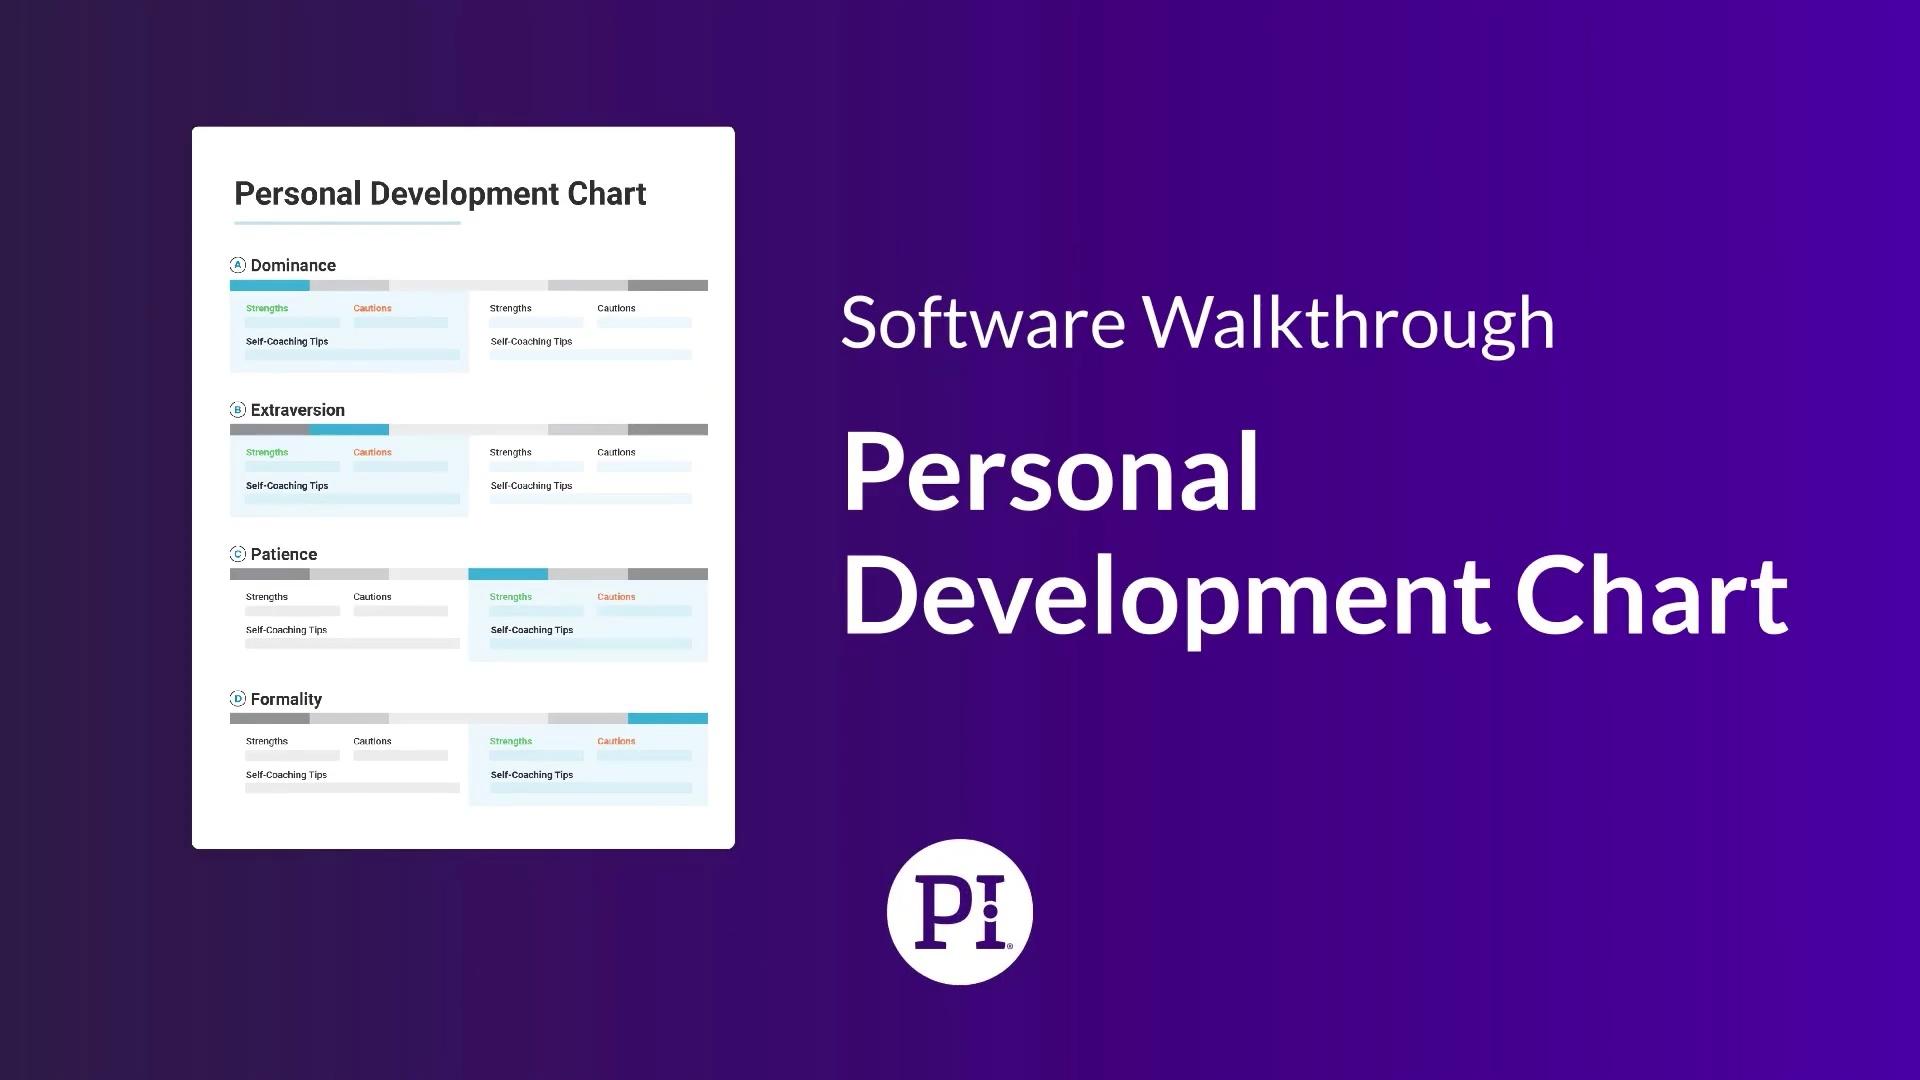 Personal Development Chart Walkthrough